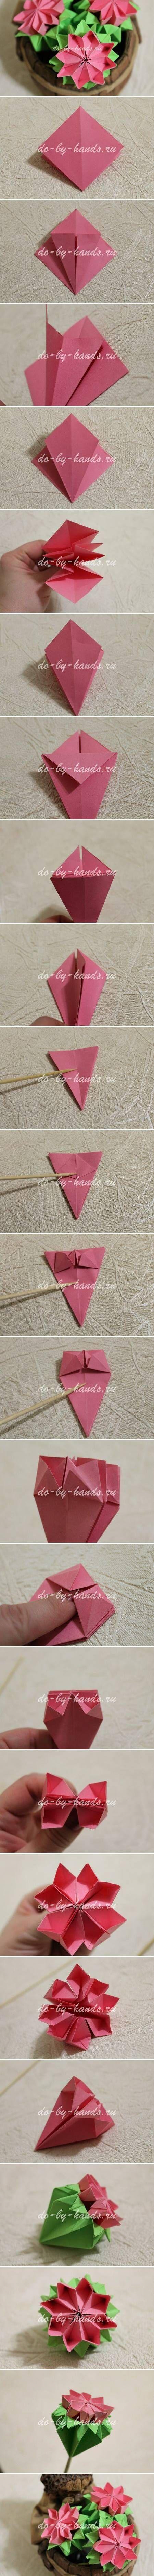 Flores de papel - Blog Pitacos e Achados - Acesse: https://pitacoseachados.wordpress.com - https://www.facebook.com/pitacoseachados - #pitacoseachados Mais